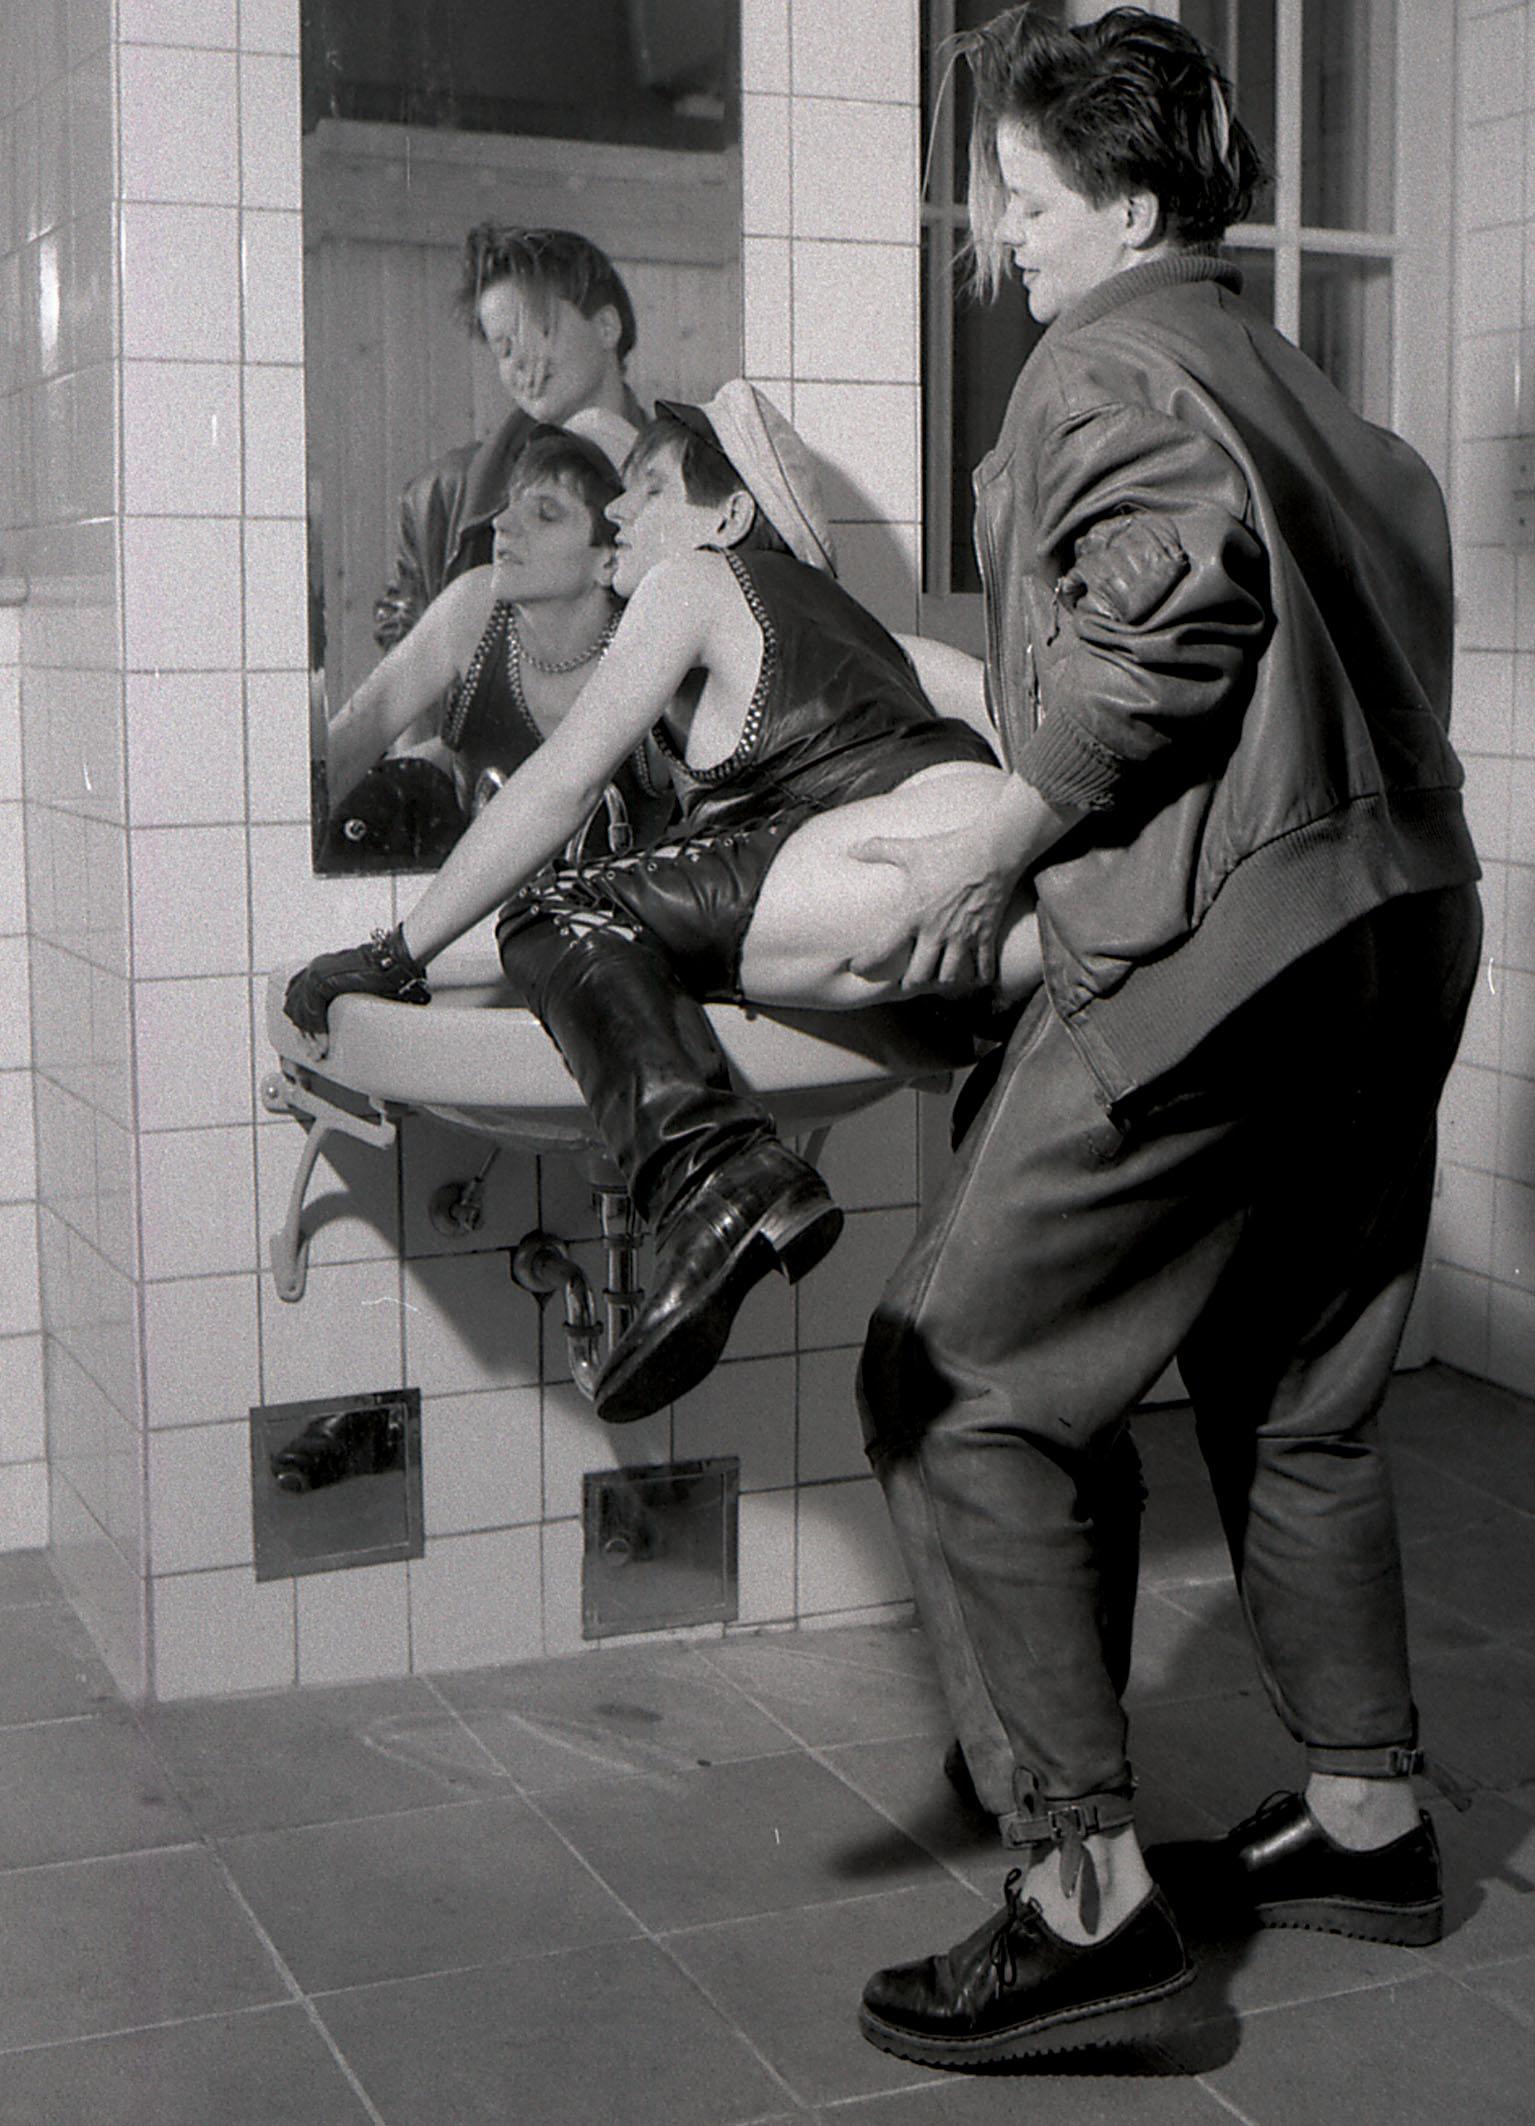 Sex_in_Wien_Pressefoto_13